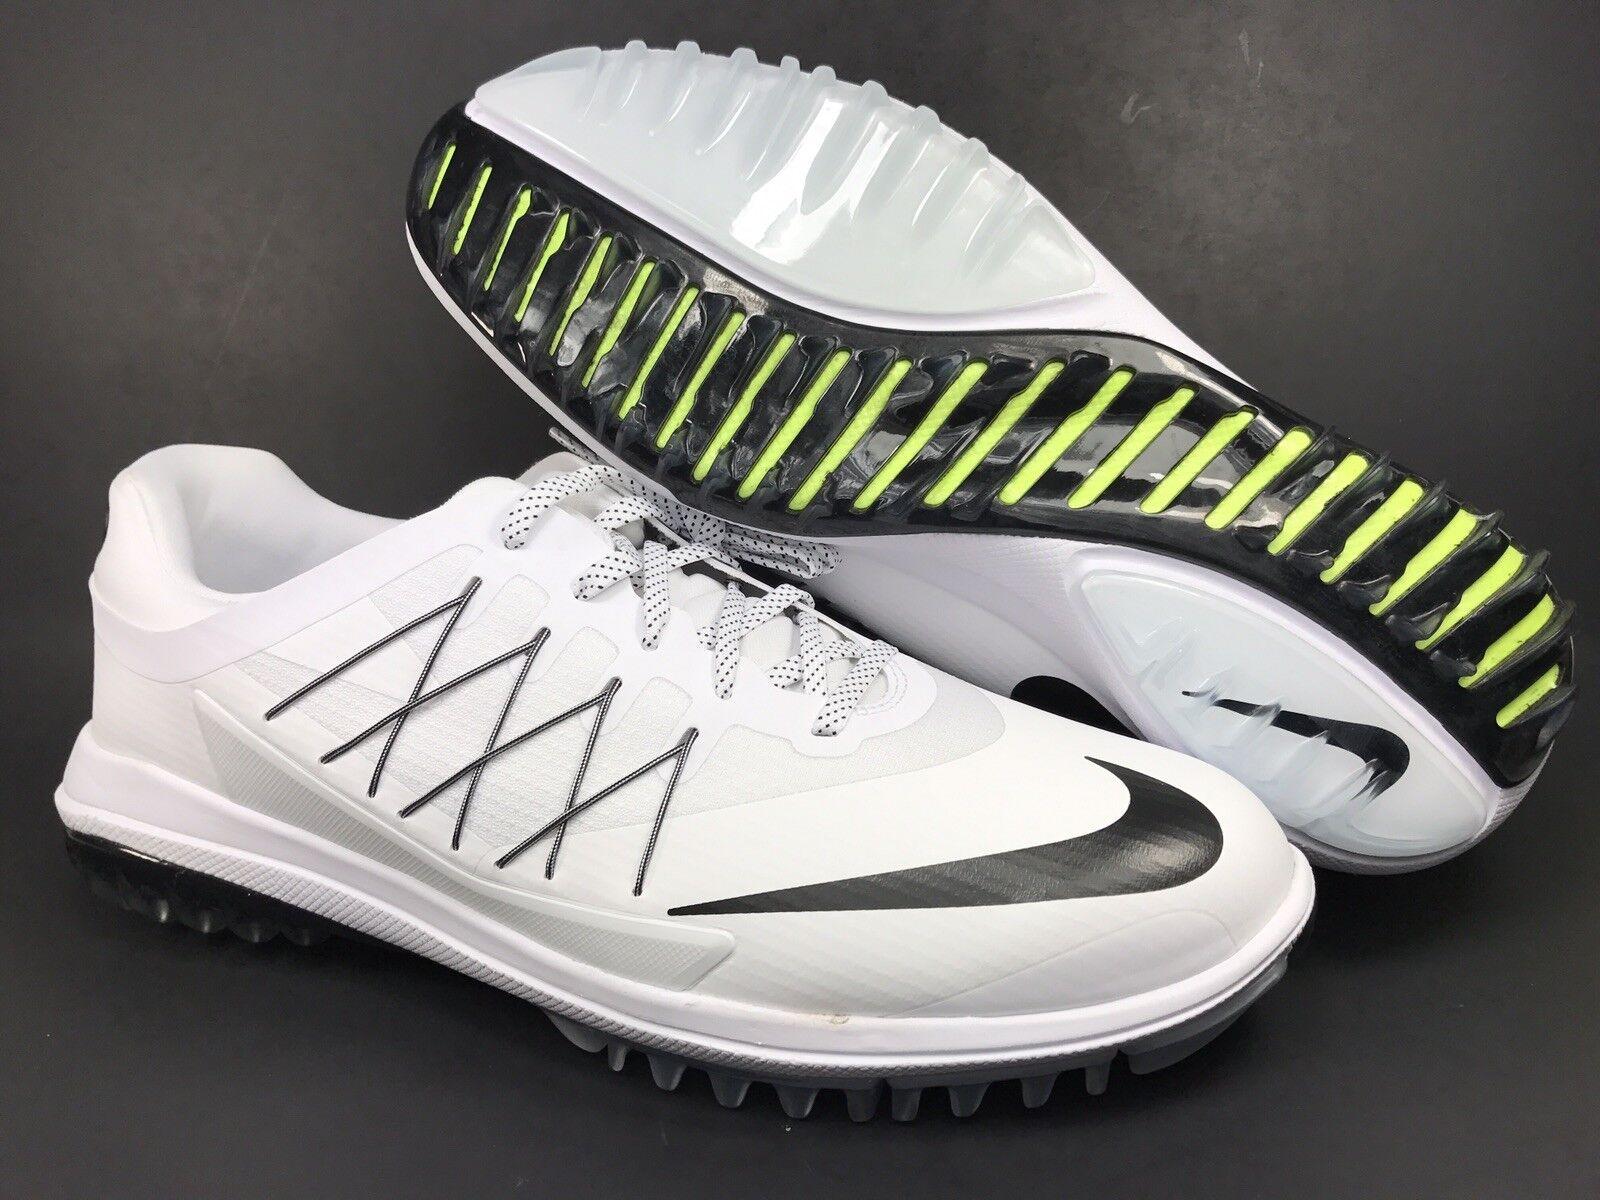 Nike lunar controllo vapore Uomo Uomo vapore scarpe da golf bianco nero scarpette spuntoni dimensioni 11,5 dda863